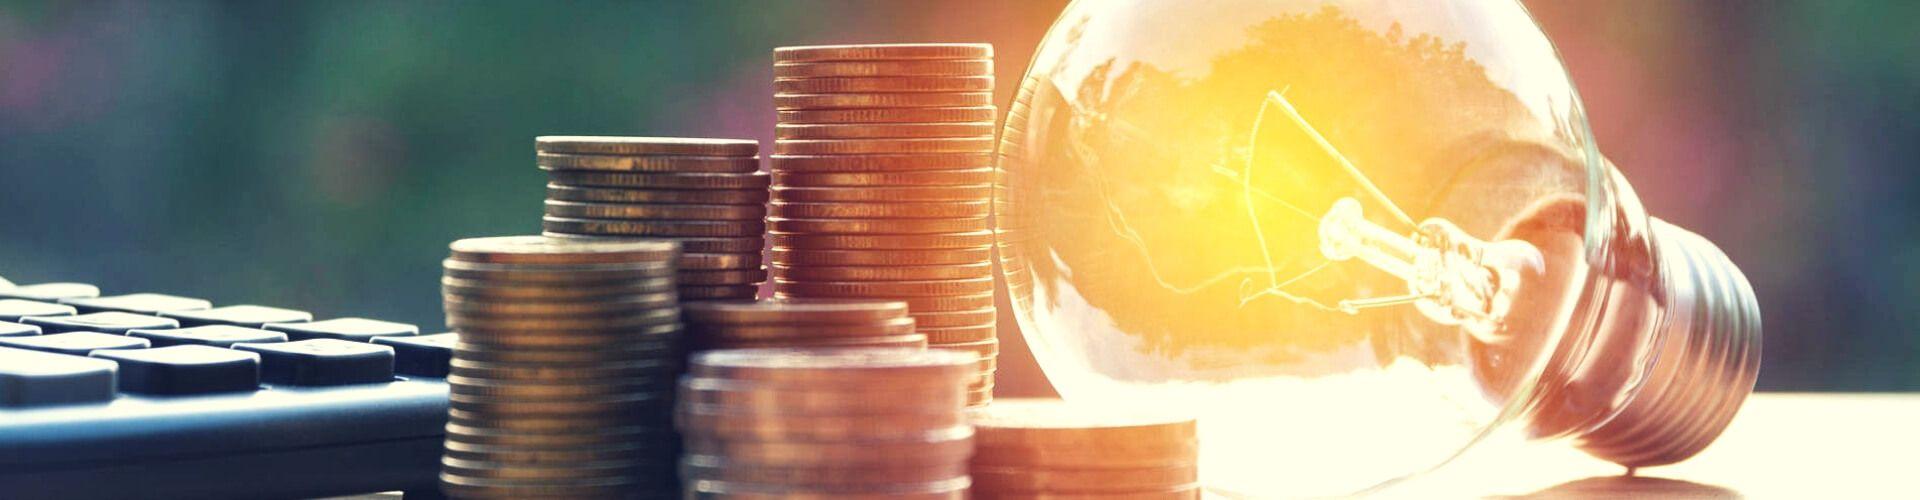 8 dicas valiosas para economizar energia e não tomar sustos na conta